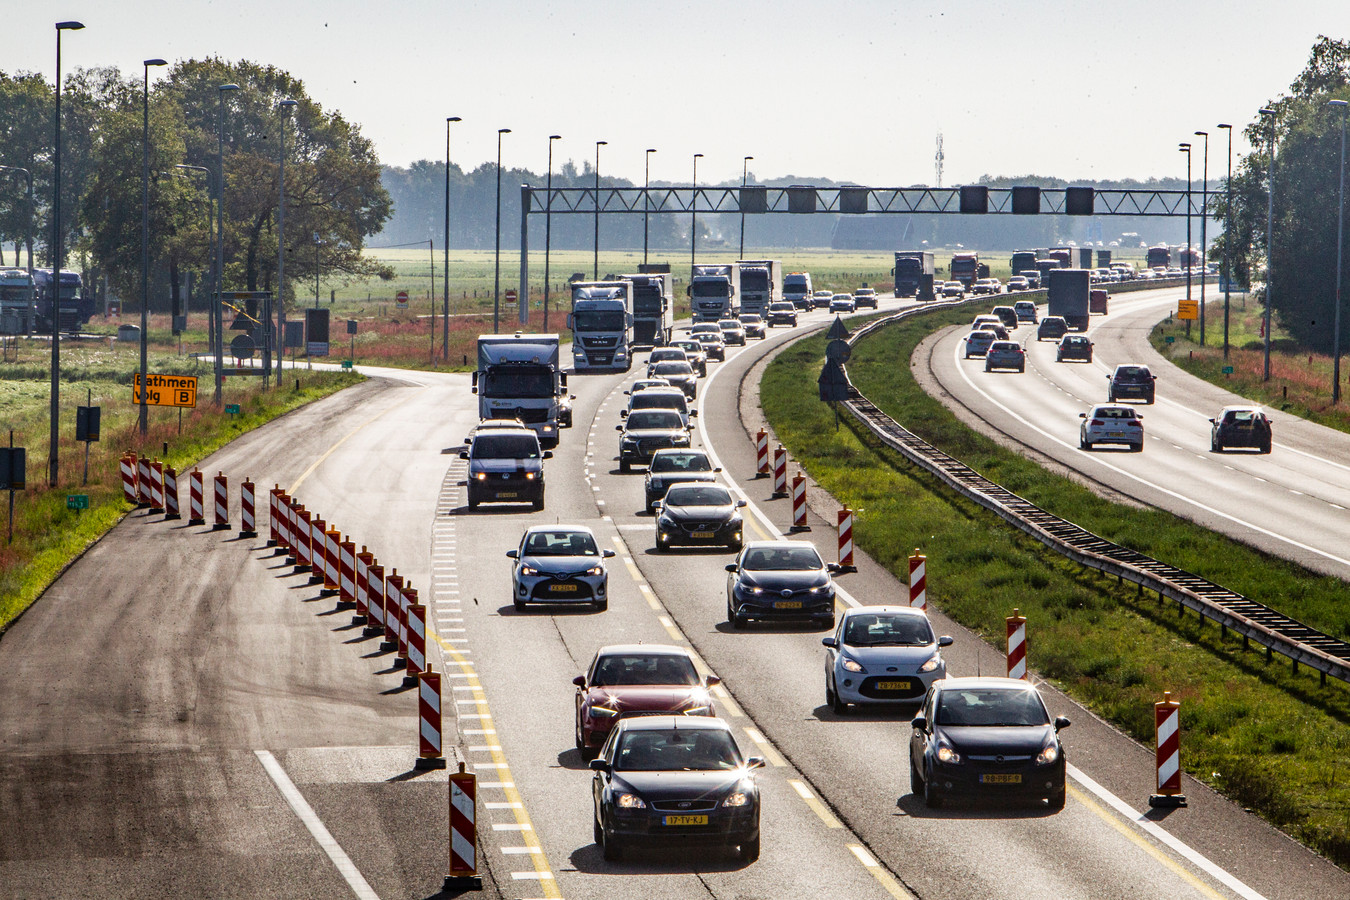 Werkzaamheden aan de A1 geven al langere tijd overlast voor het verkeer. Komende weekend wordt een deel van de snelweg in één richting helemaal afgesloten.